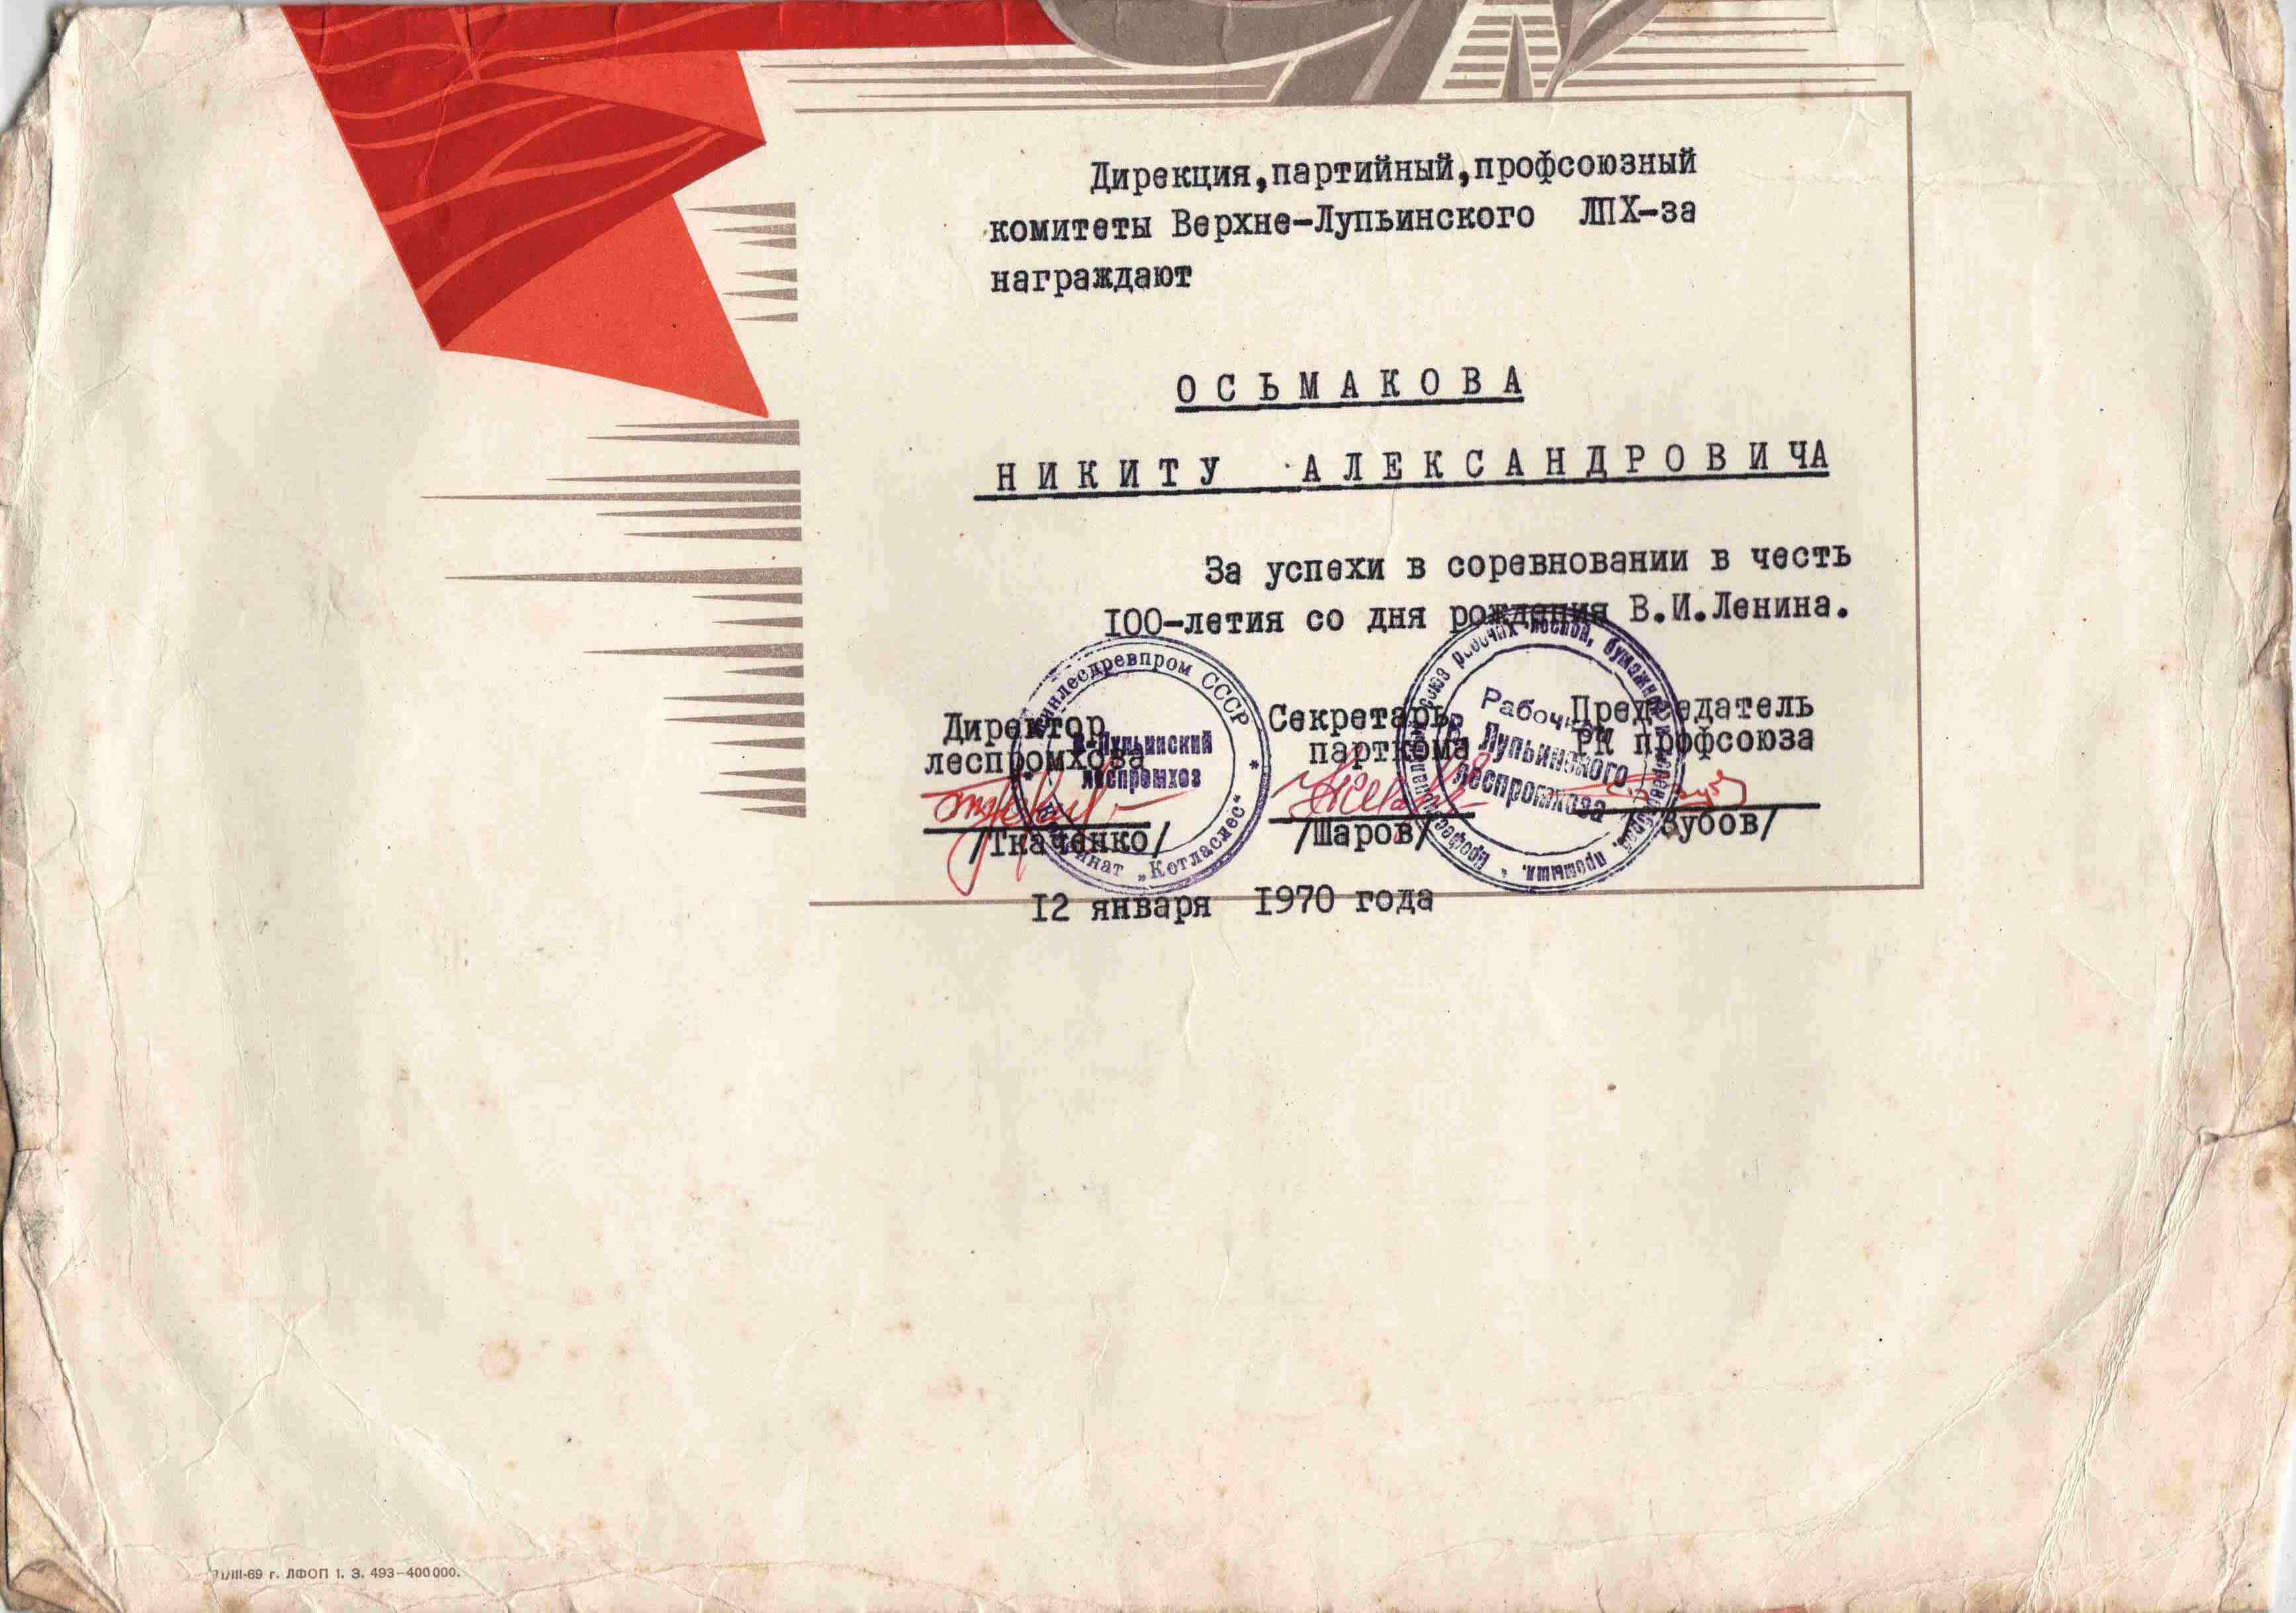 46. Почетная грамота, 1970 г.